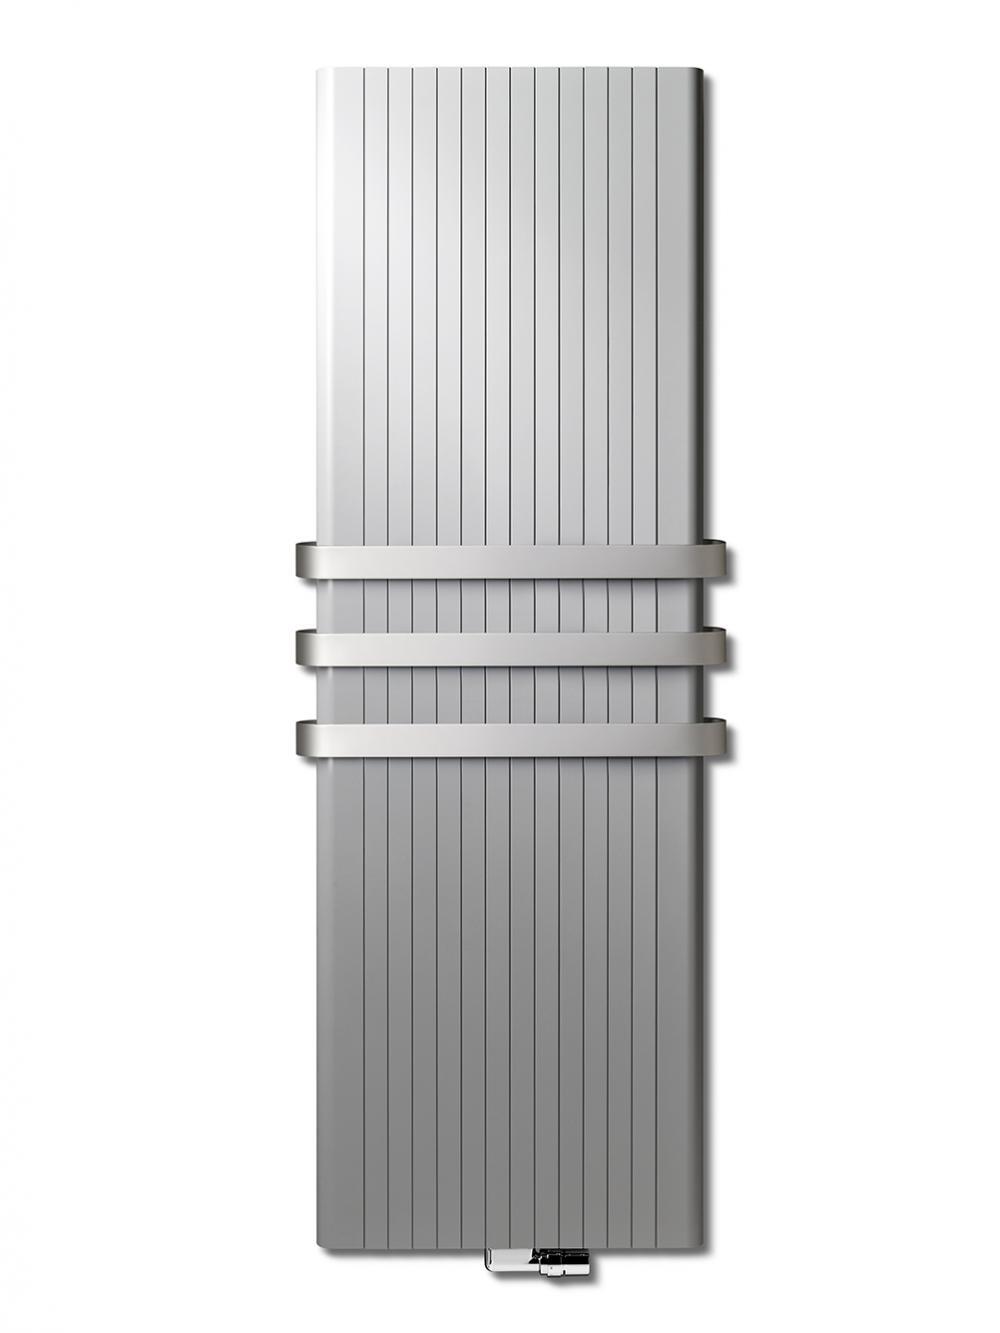 Calorifere decorative aluminiu Vasco Alu-Zen 1800x525 mm, 1874 W